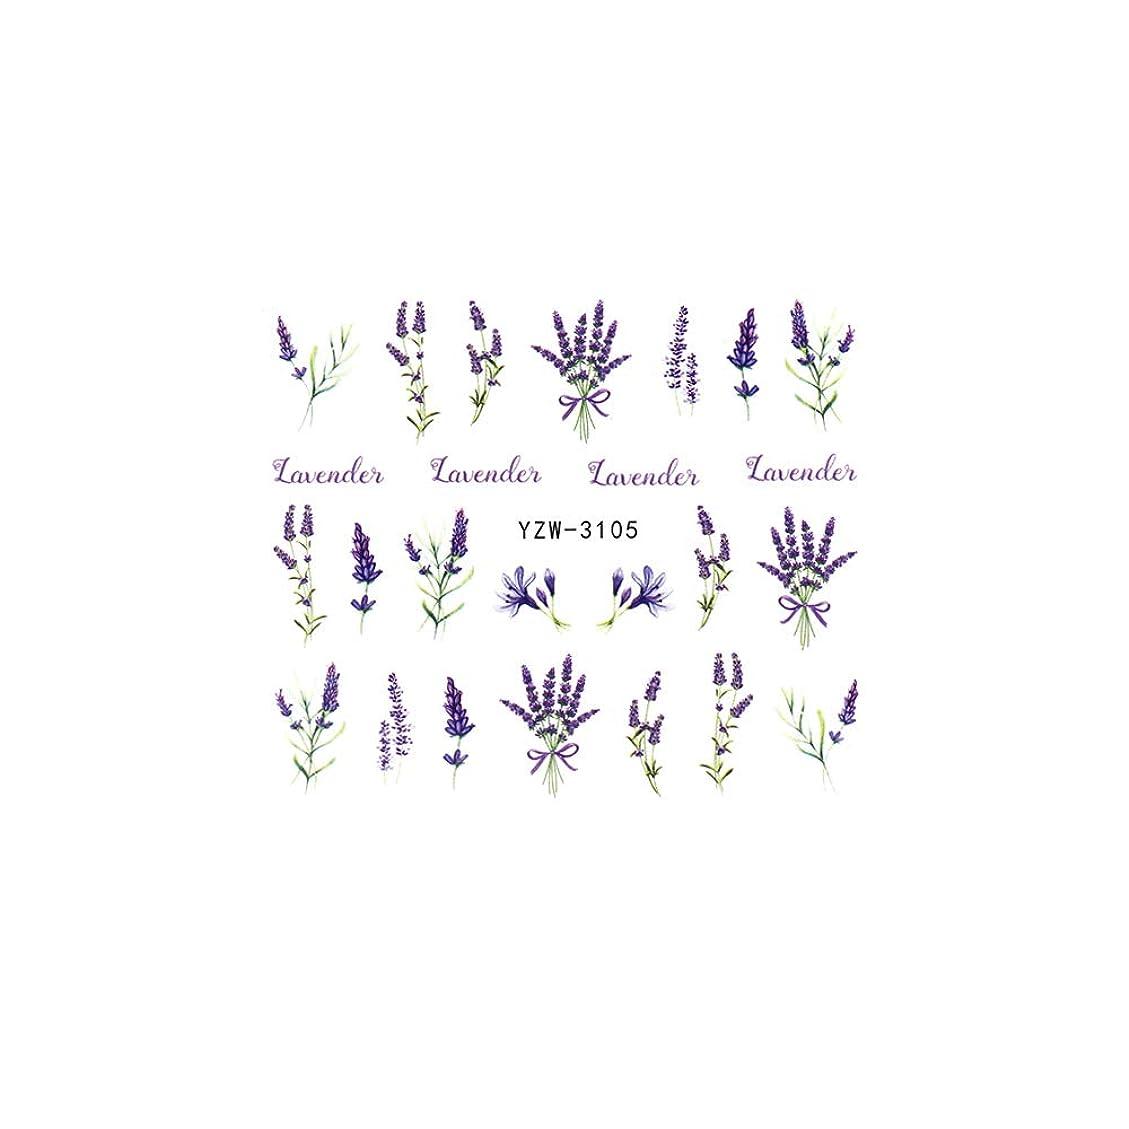 メンター市場フィードウォーターネイルシール ラベンダーハーブシール【YZW-3105】フラワー ネイル 花柄 花束ネイル ネイルアート